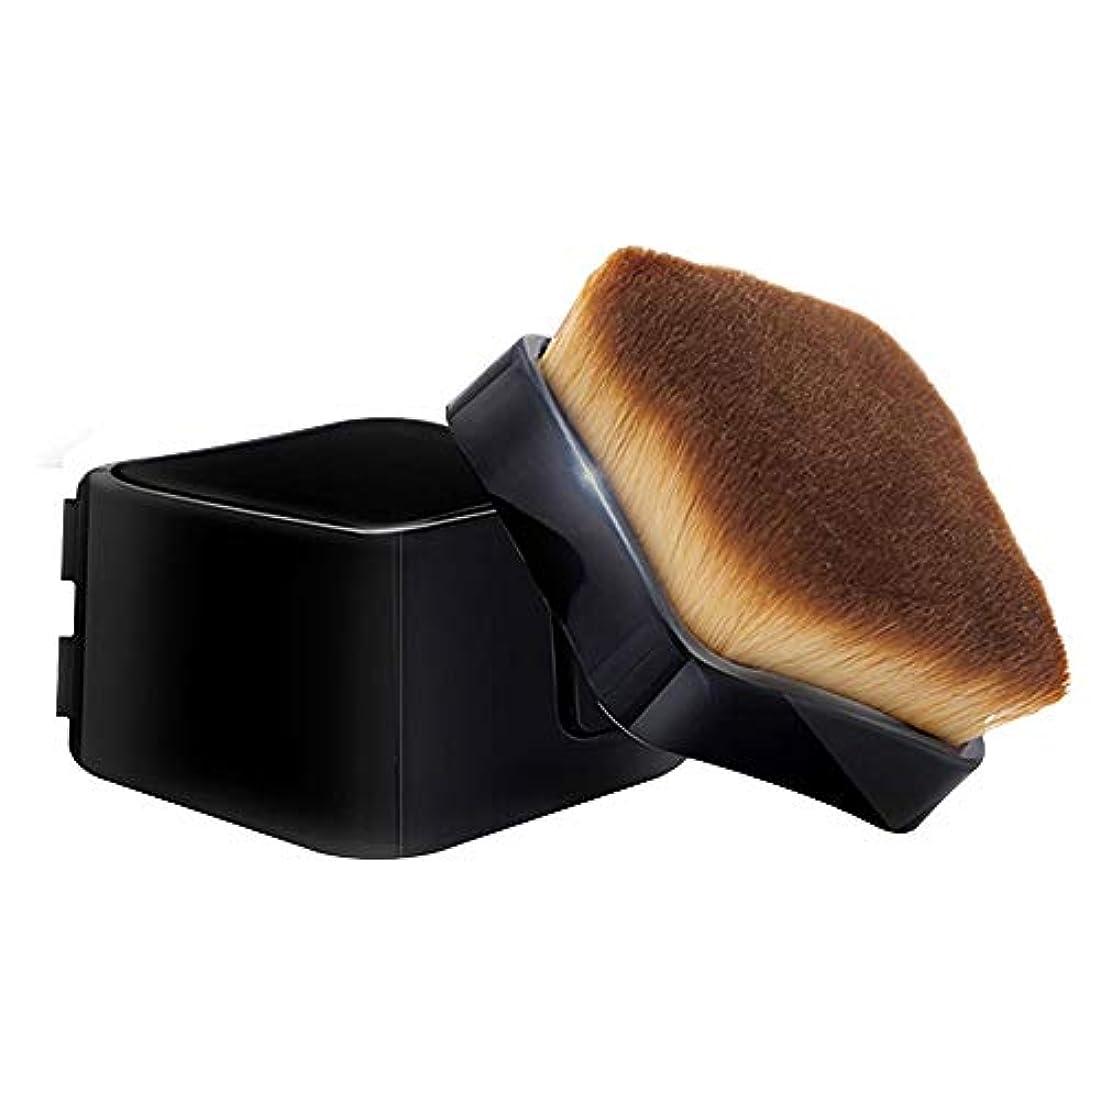 区別飲み込む適合しましたEsubara メイクブラシ ファンデーションブラシ 化粧筆 フェイスブラシ 柔らかい毛